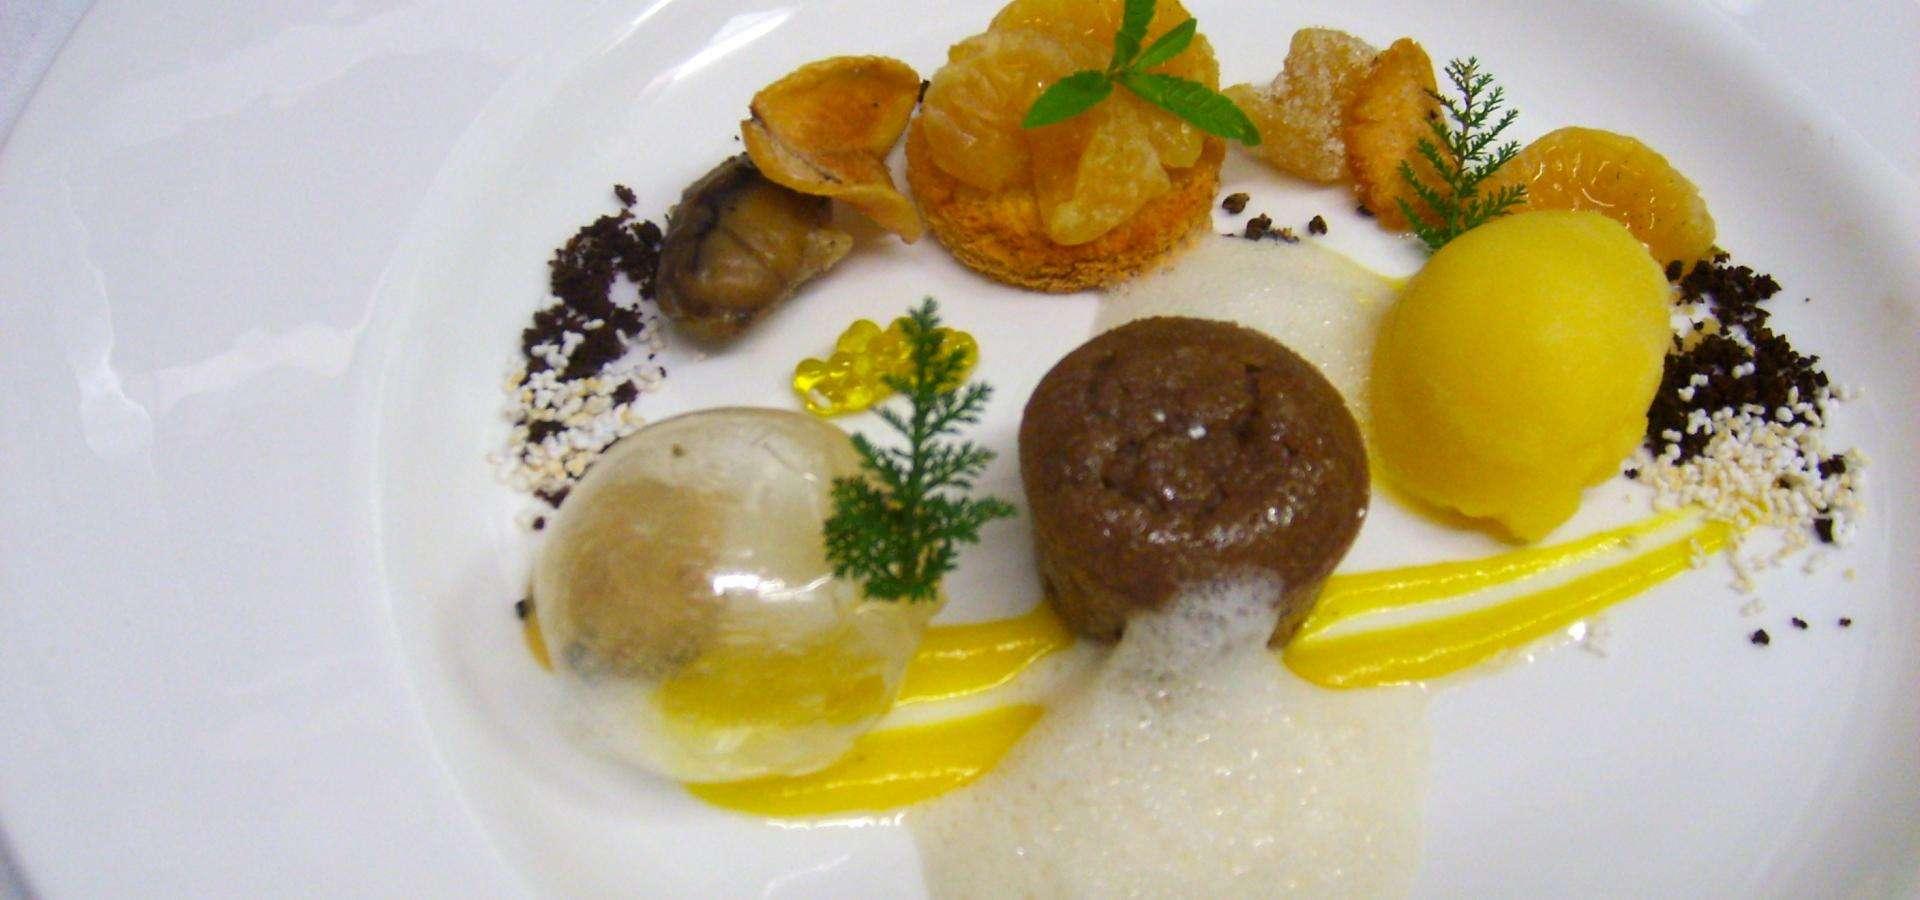 Tortitas de castaña con sorbete de mandarina, tatin de mandarina, leche de lavanda y aceite de pimienta voatsiperifery